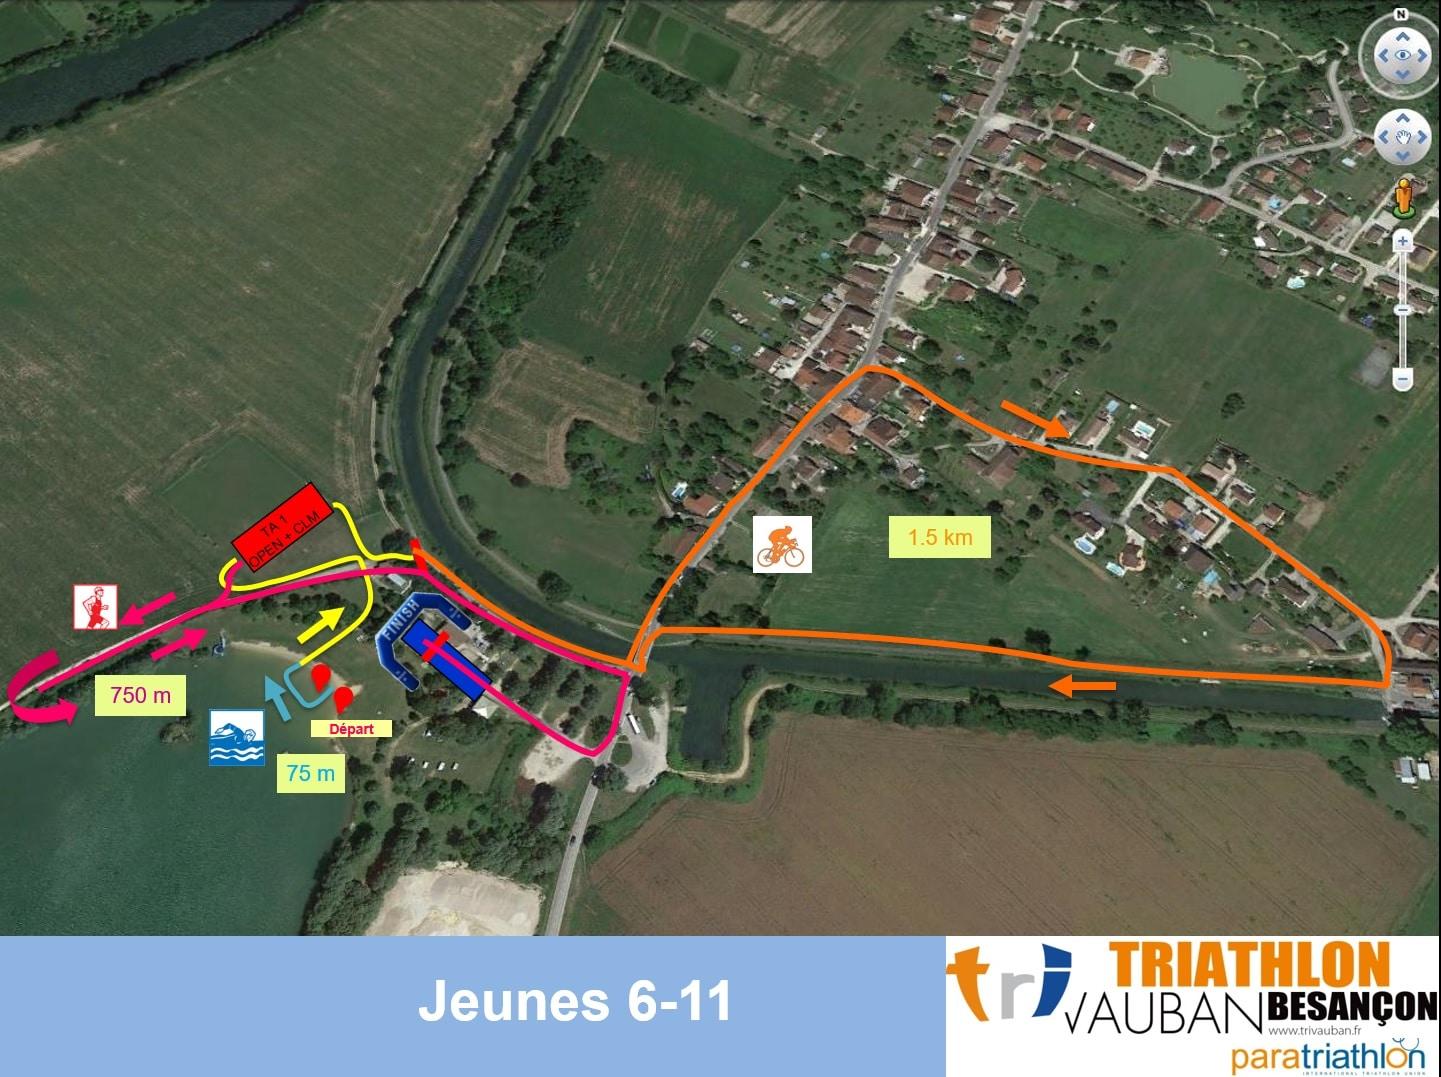 Parcours Course Jeunes 6-11 Ans Triathlon Vauban